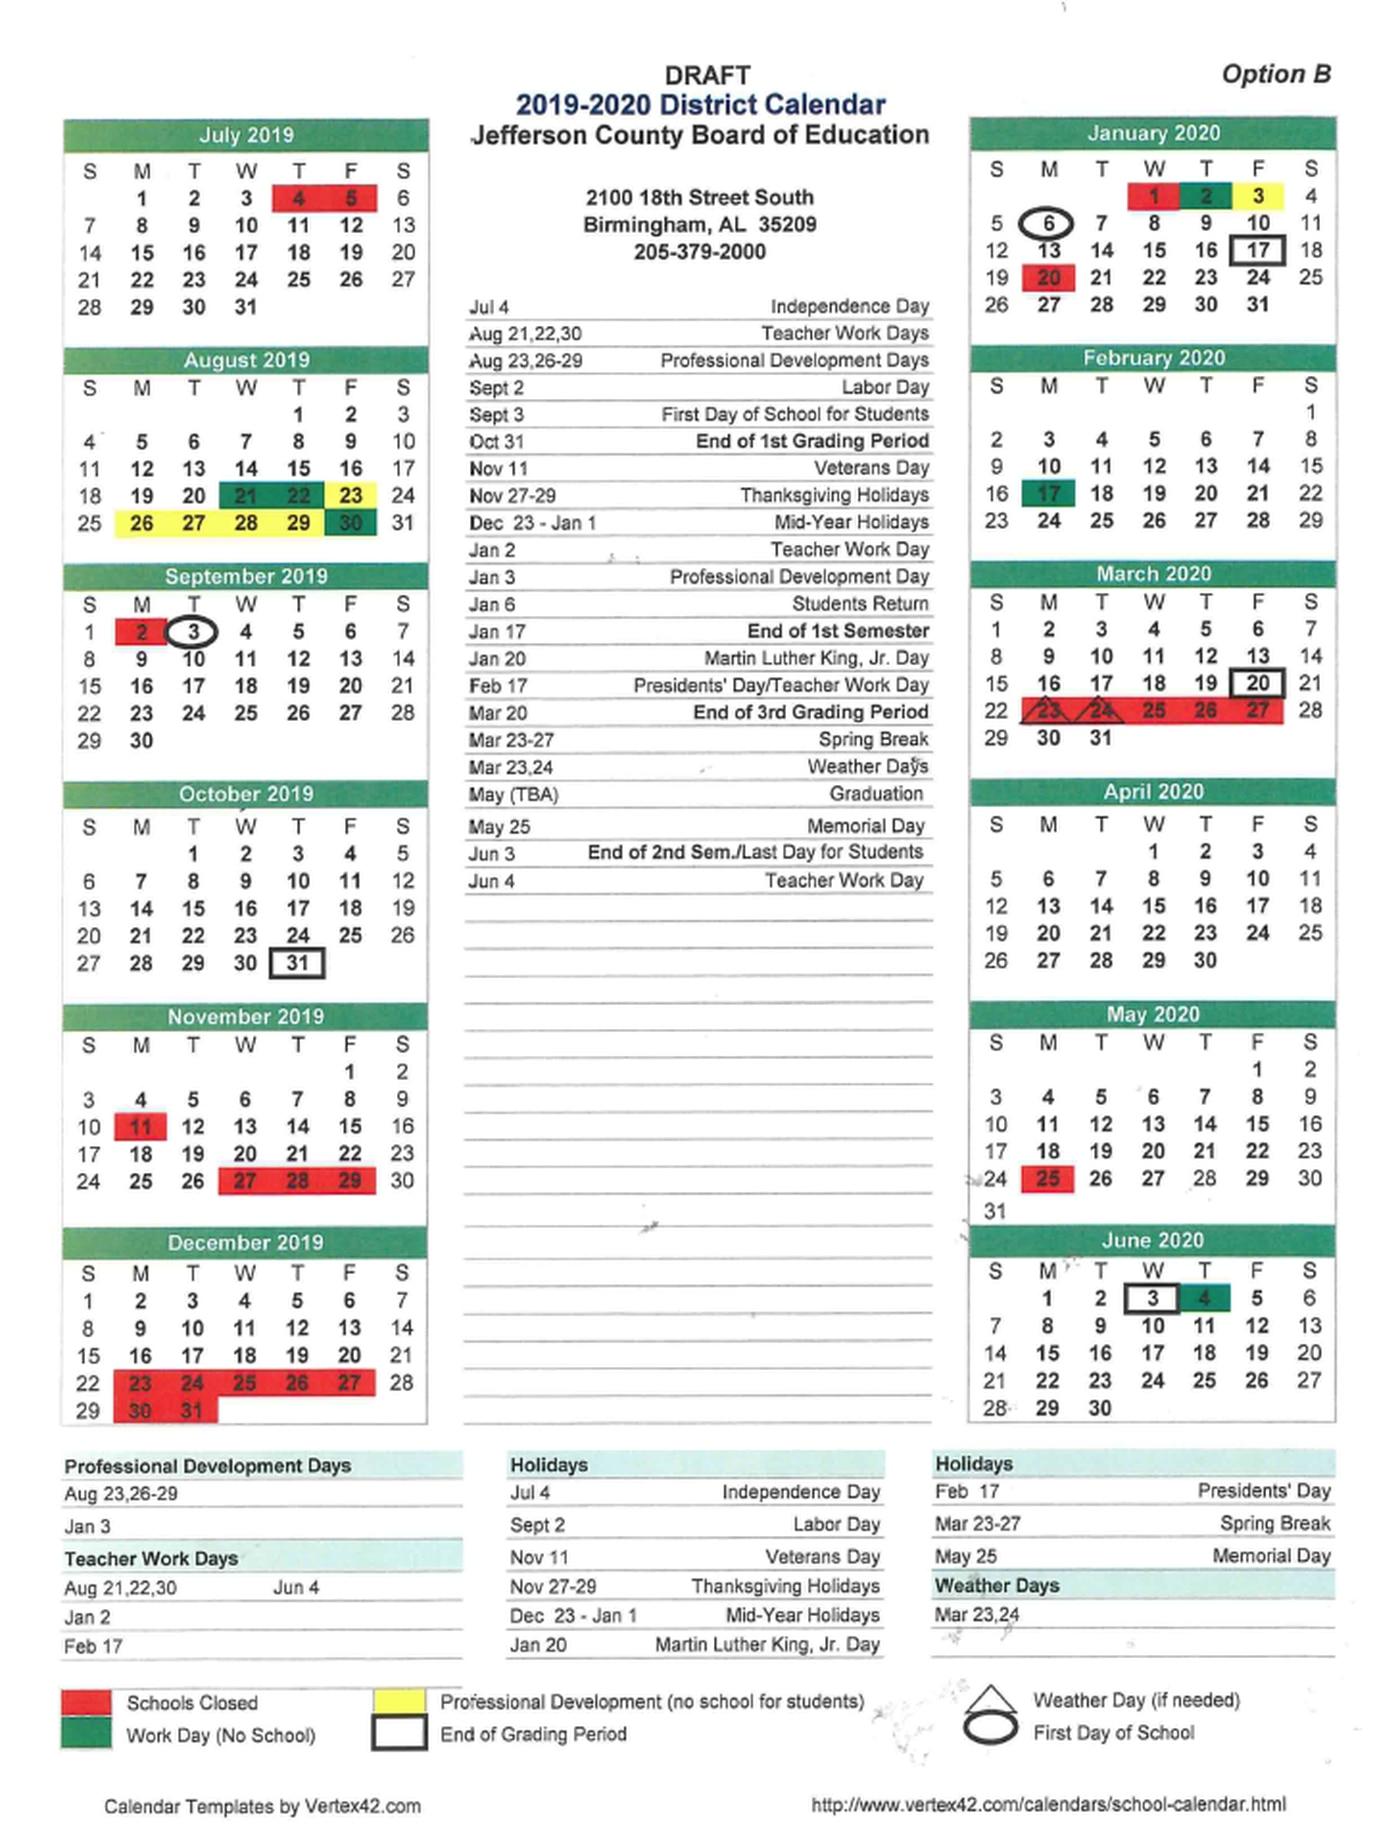 Jefferson County School Calendar 2020 Jefferson County School students could start school in September